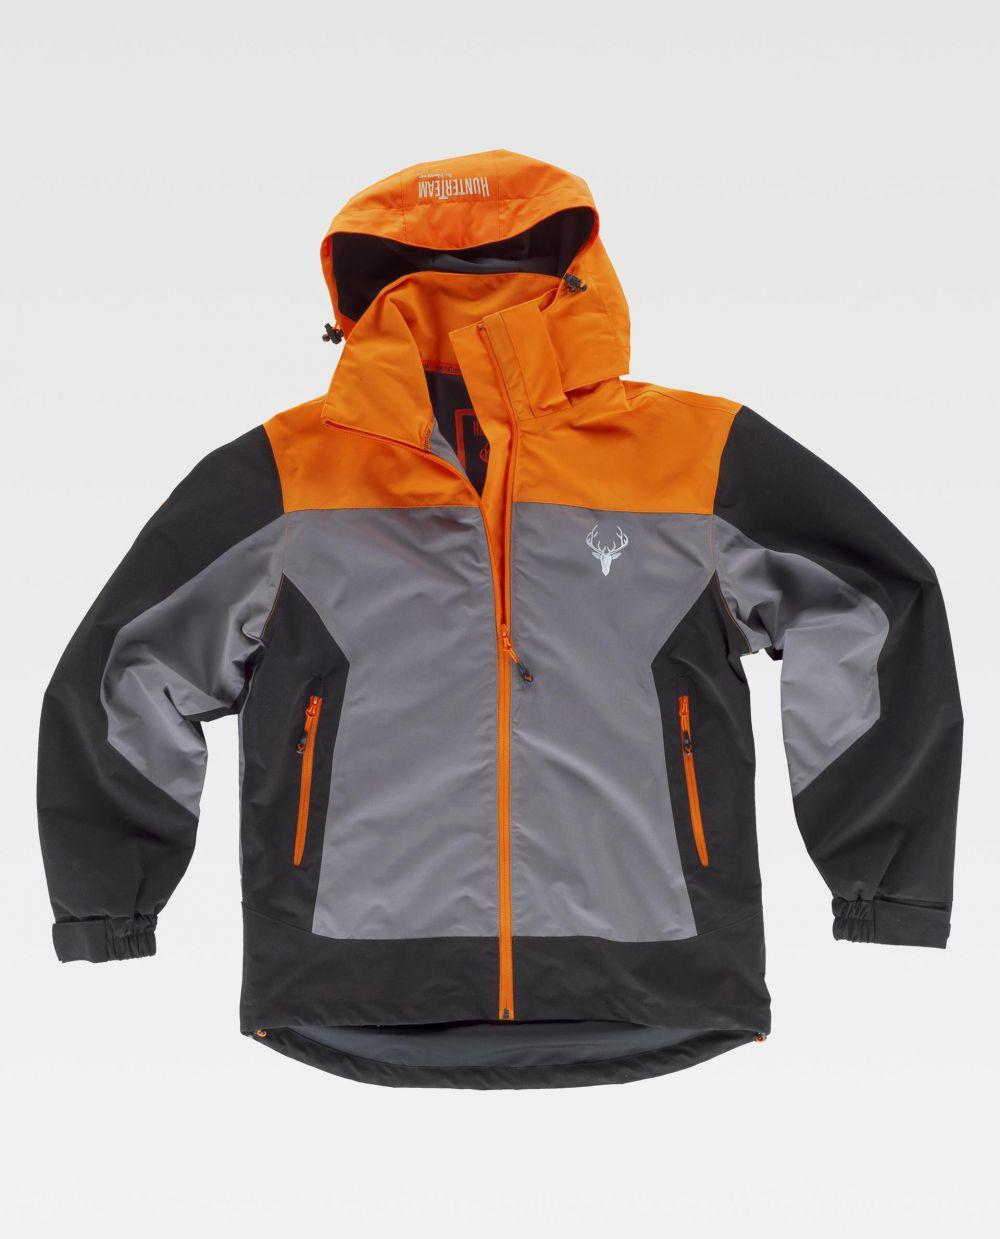 Chaquetas de trabajo workteam chaqueta deportiva s8225 de poliéster para personalizar vista 1